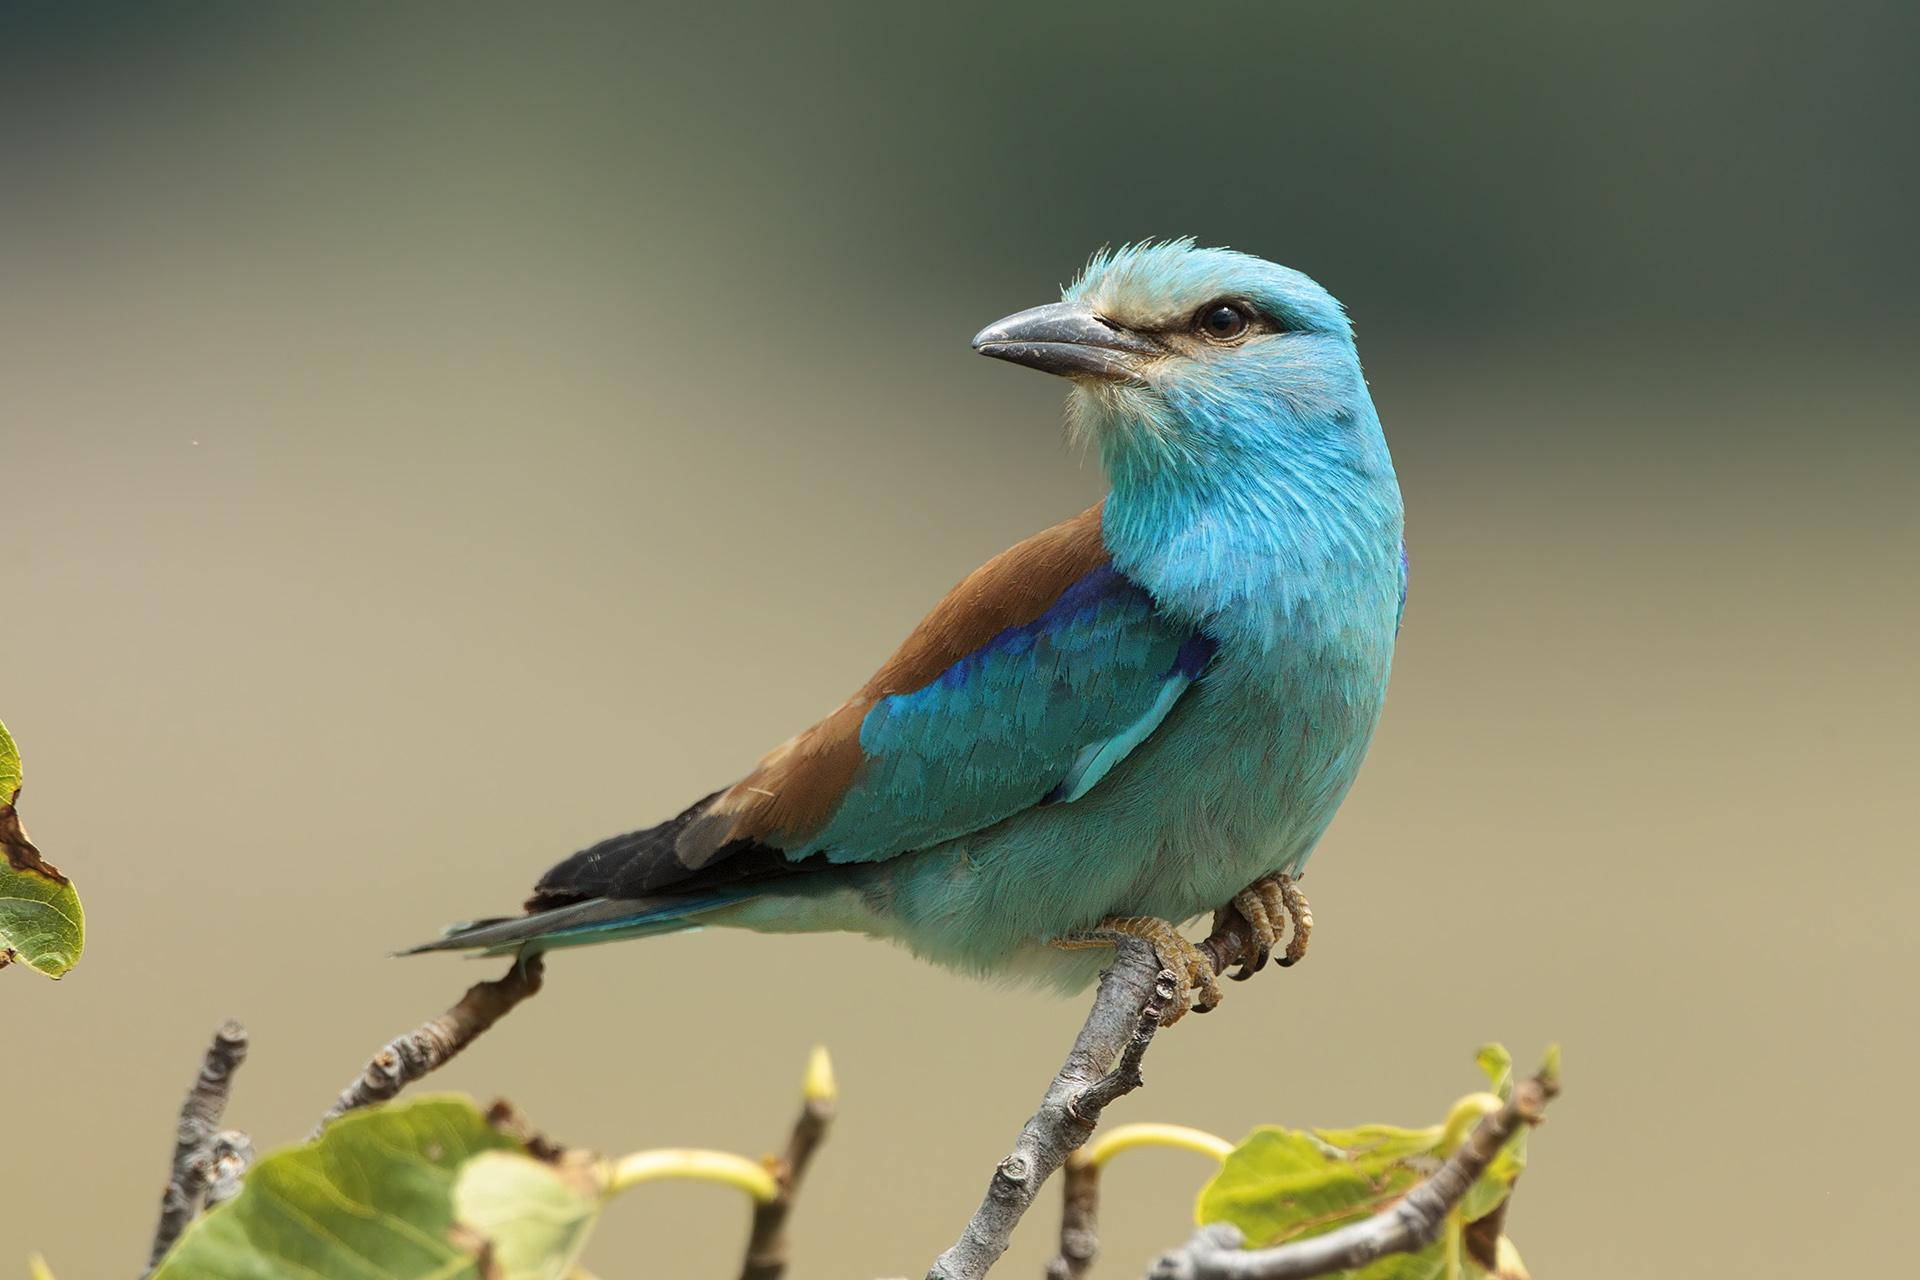 Ghiandaia marina itinerari natura camerota - Primavera uccelli primavera colorazione pagine ...